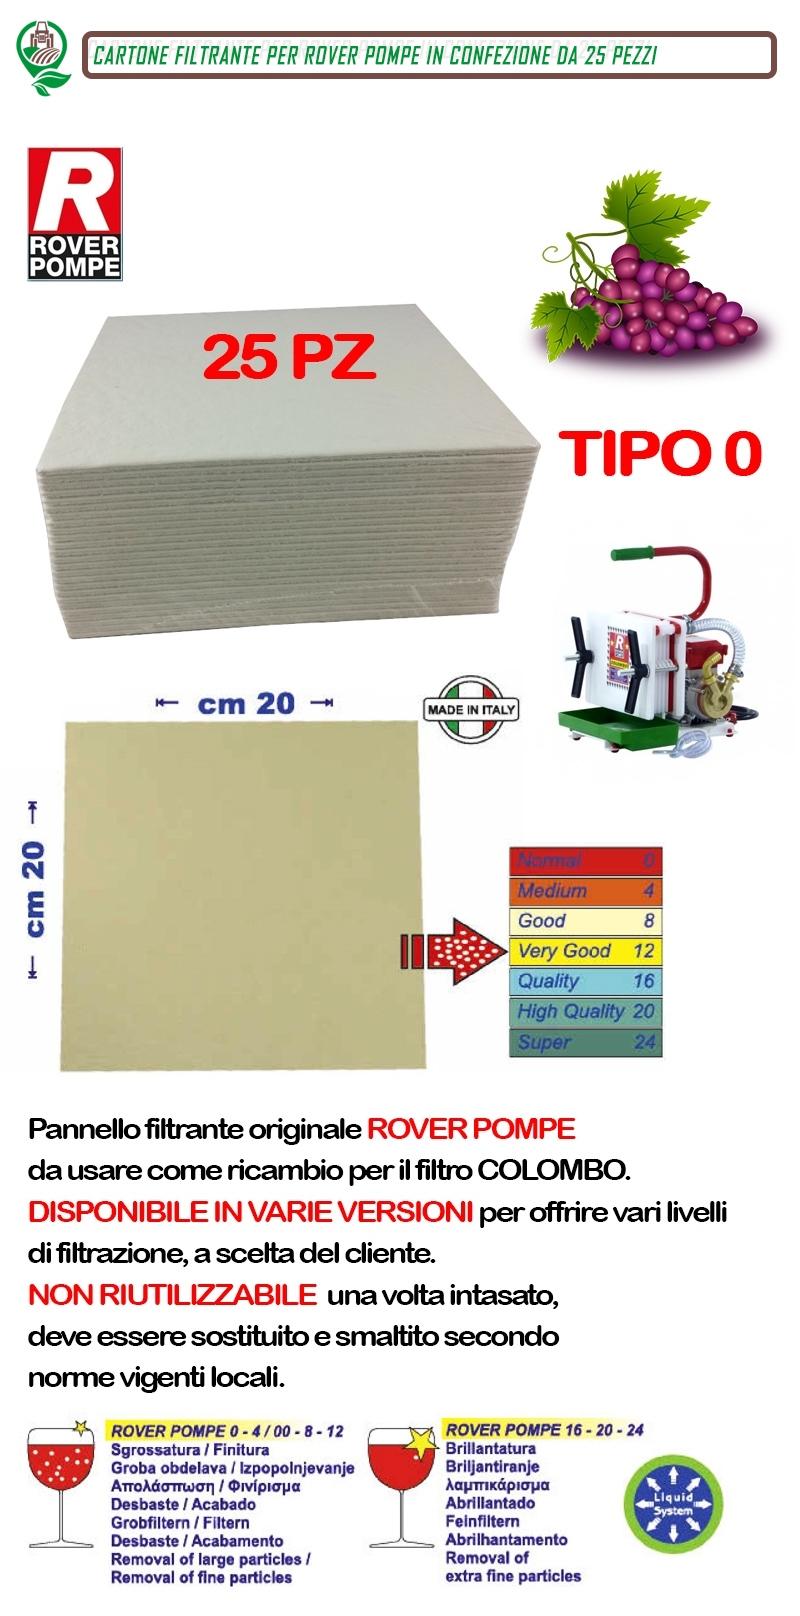 DH00018990 /'Signe Biohazard/' 200mm x 72mm Accroche-porte